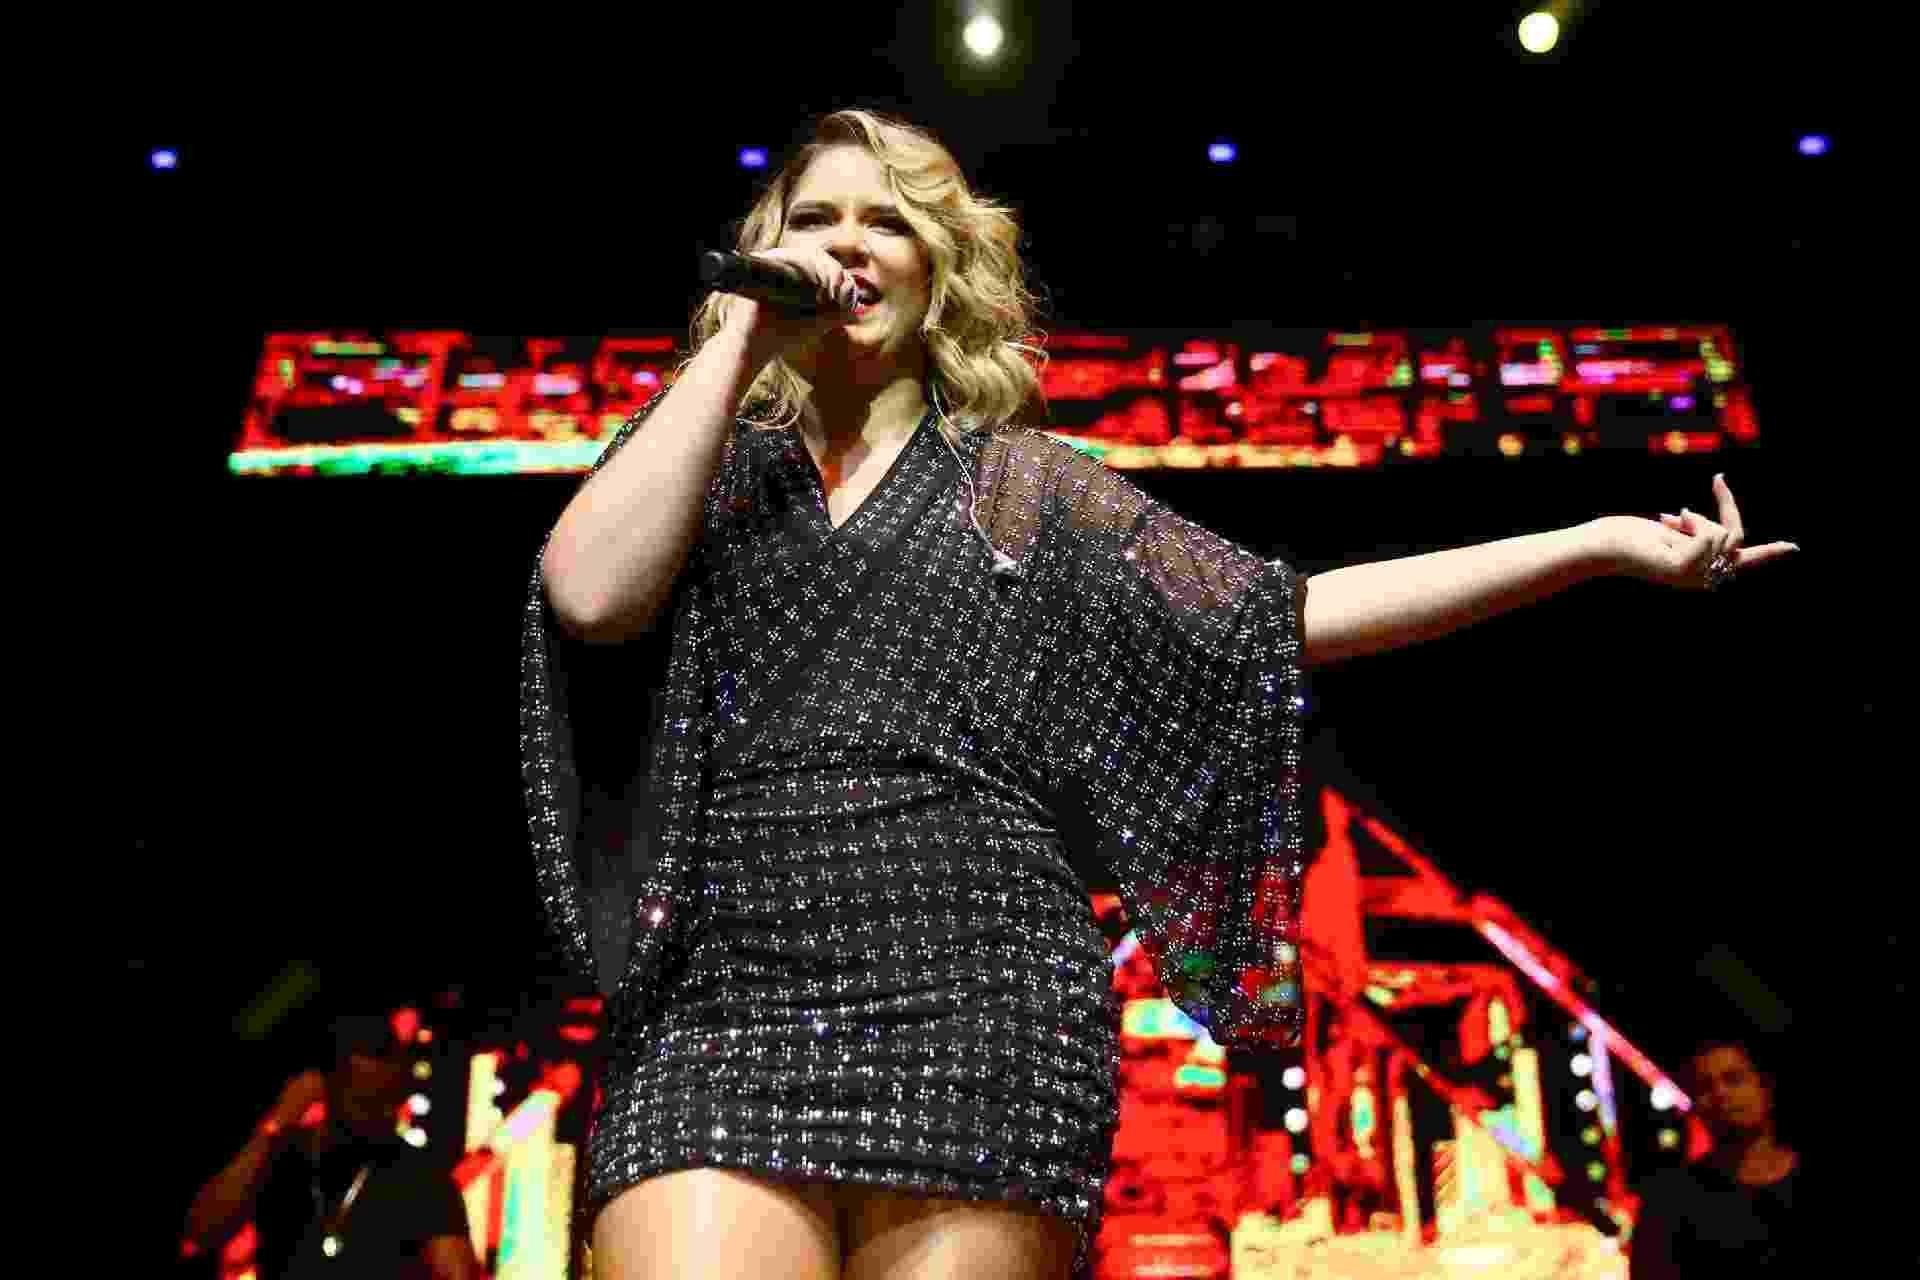 Marília Mendonça se apresenta no palco do Credicard Hall em São Paulo na noite deste sábado (28) - Manuela Scarpa/Brazil News